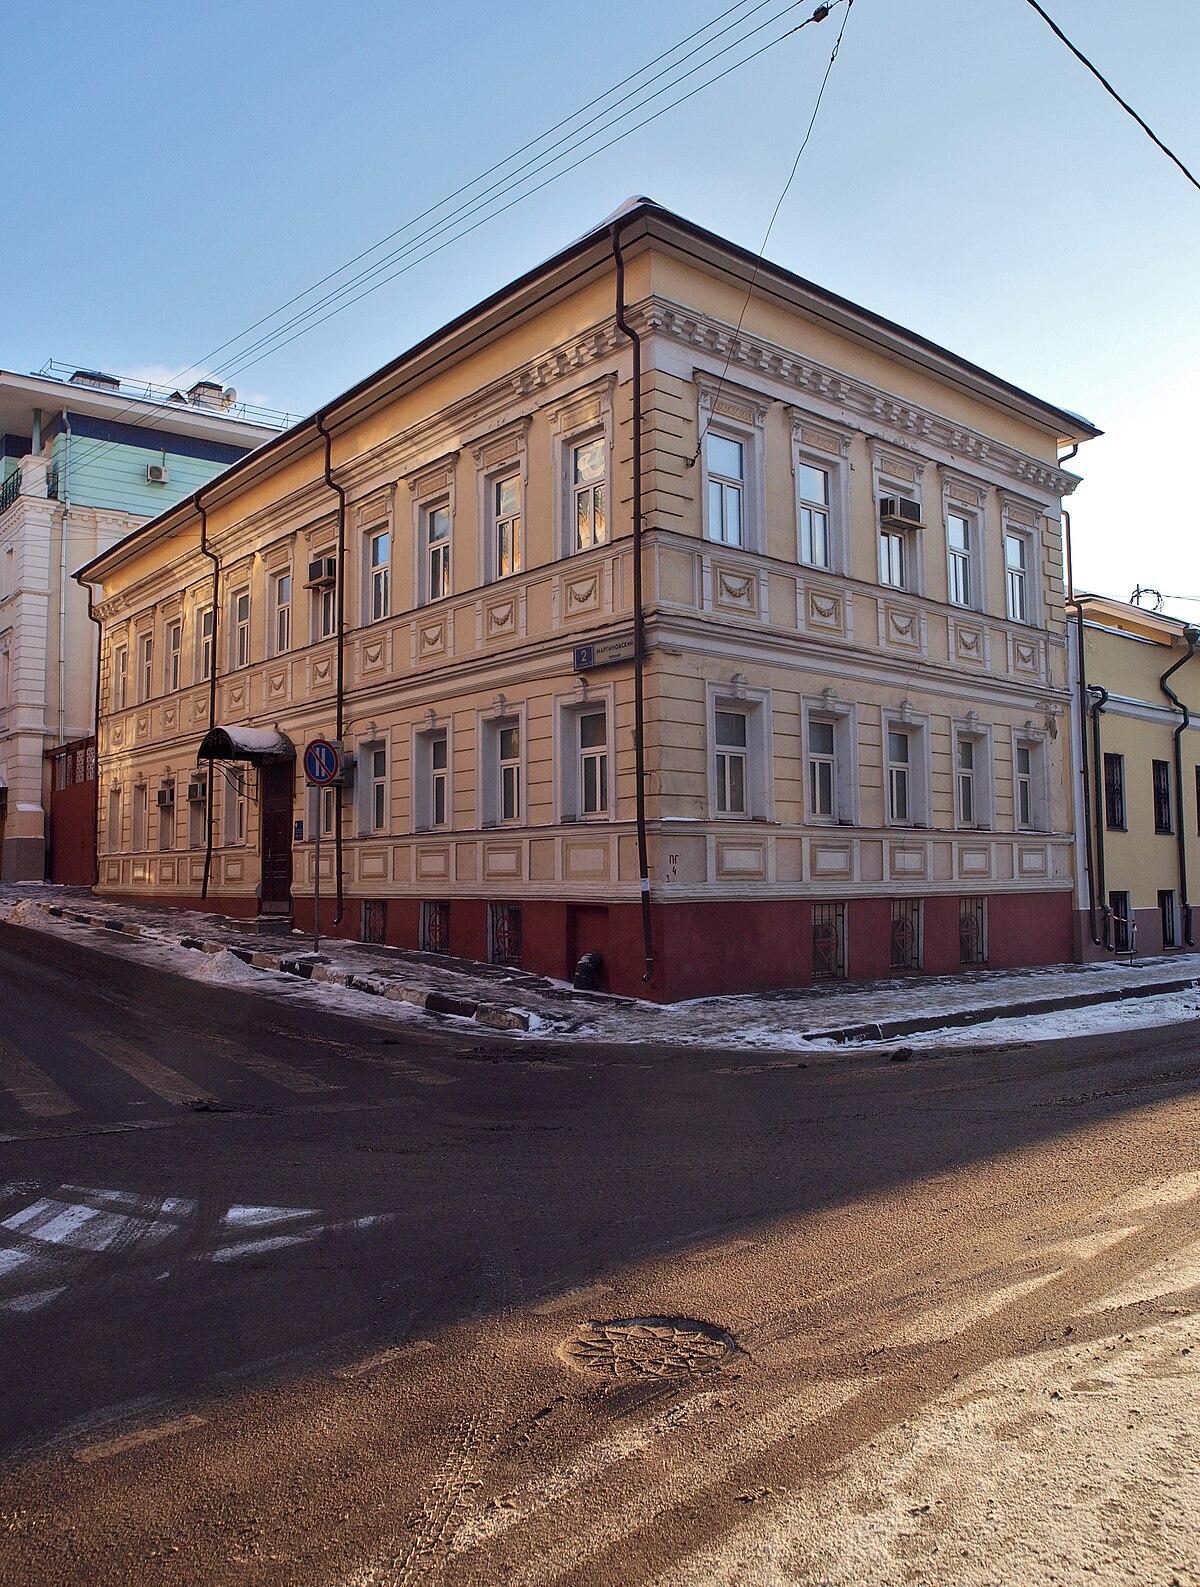 Справку из банка Александра Солженицына улица сзи 6 получить Очаковский 4-й переулок